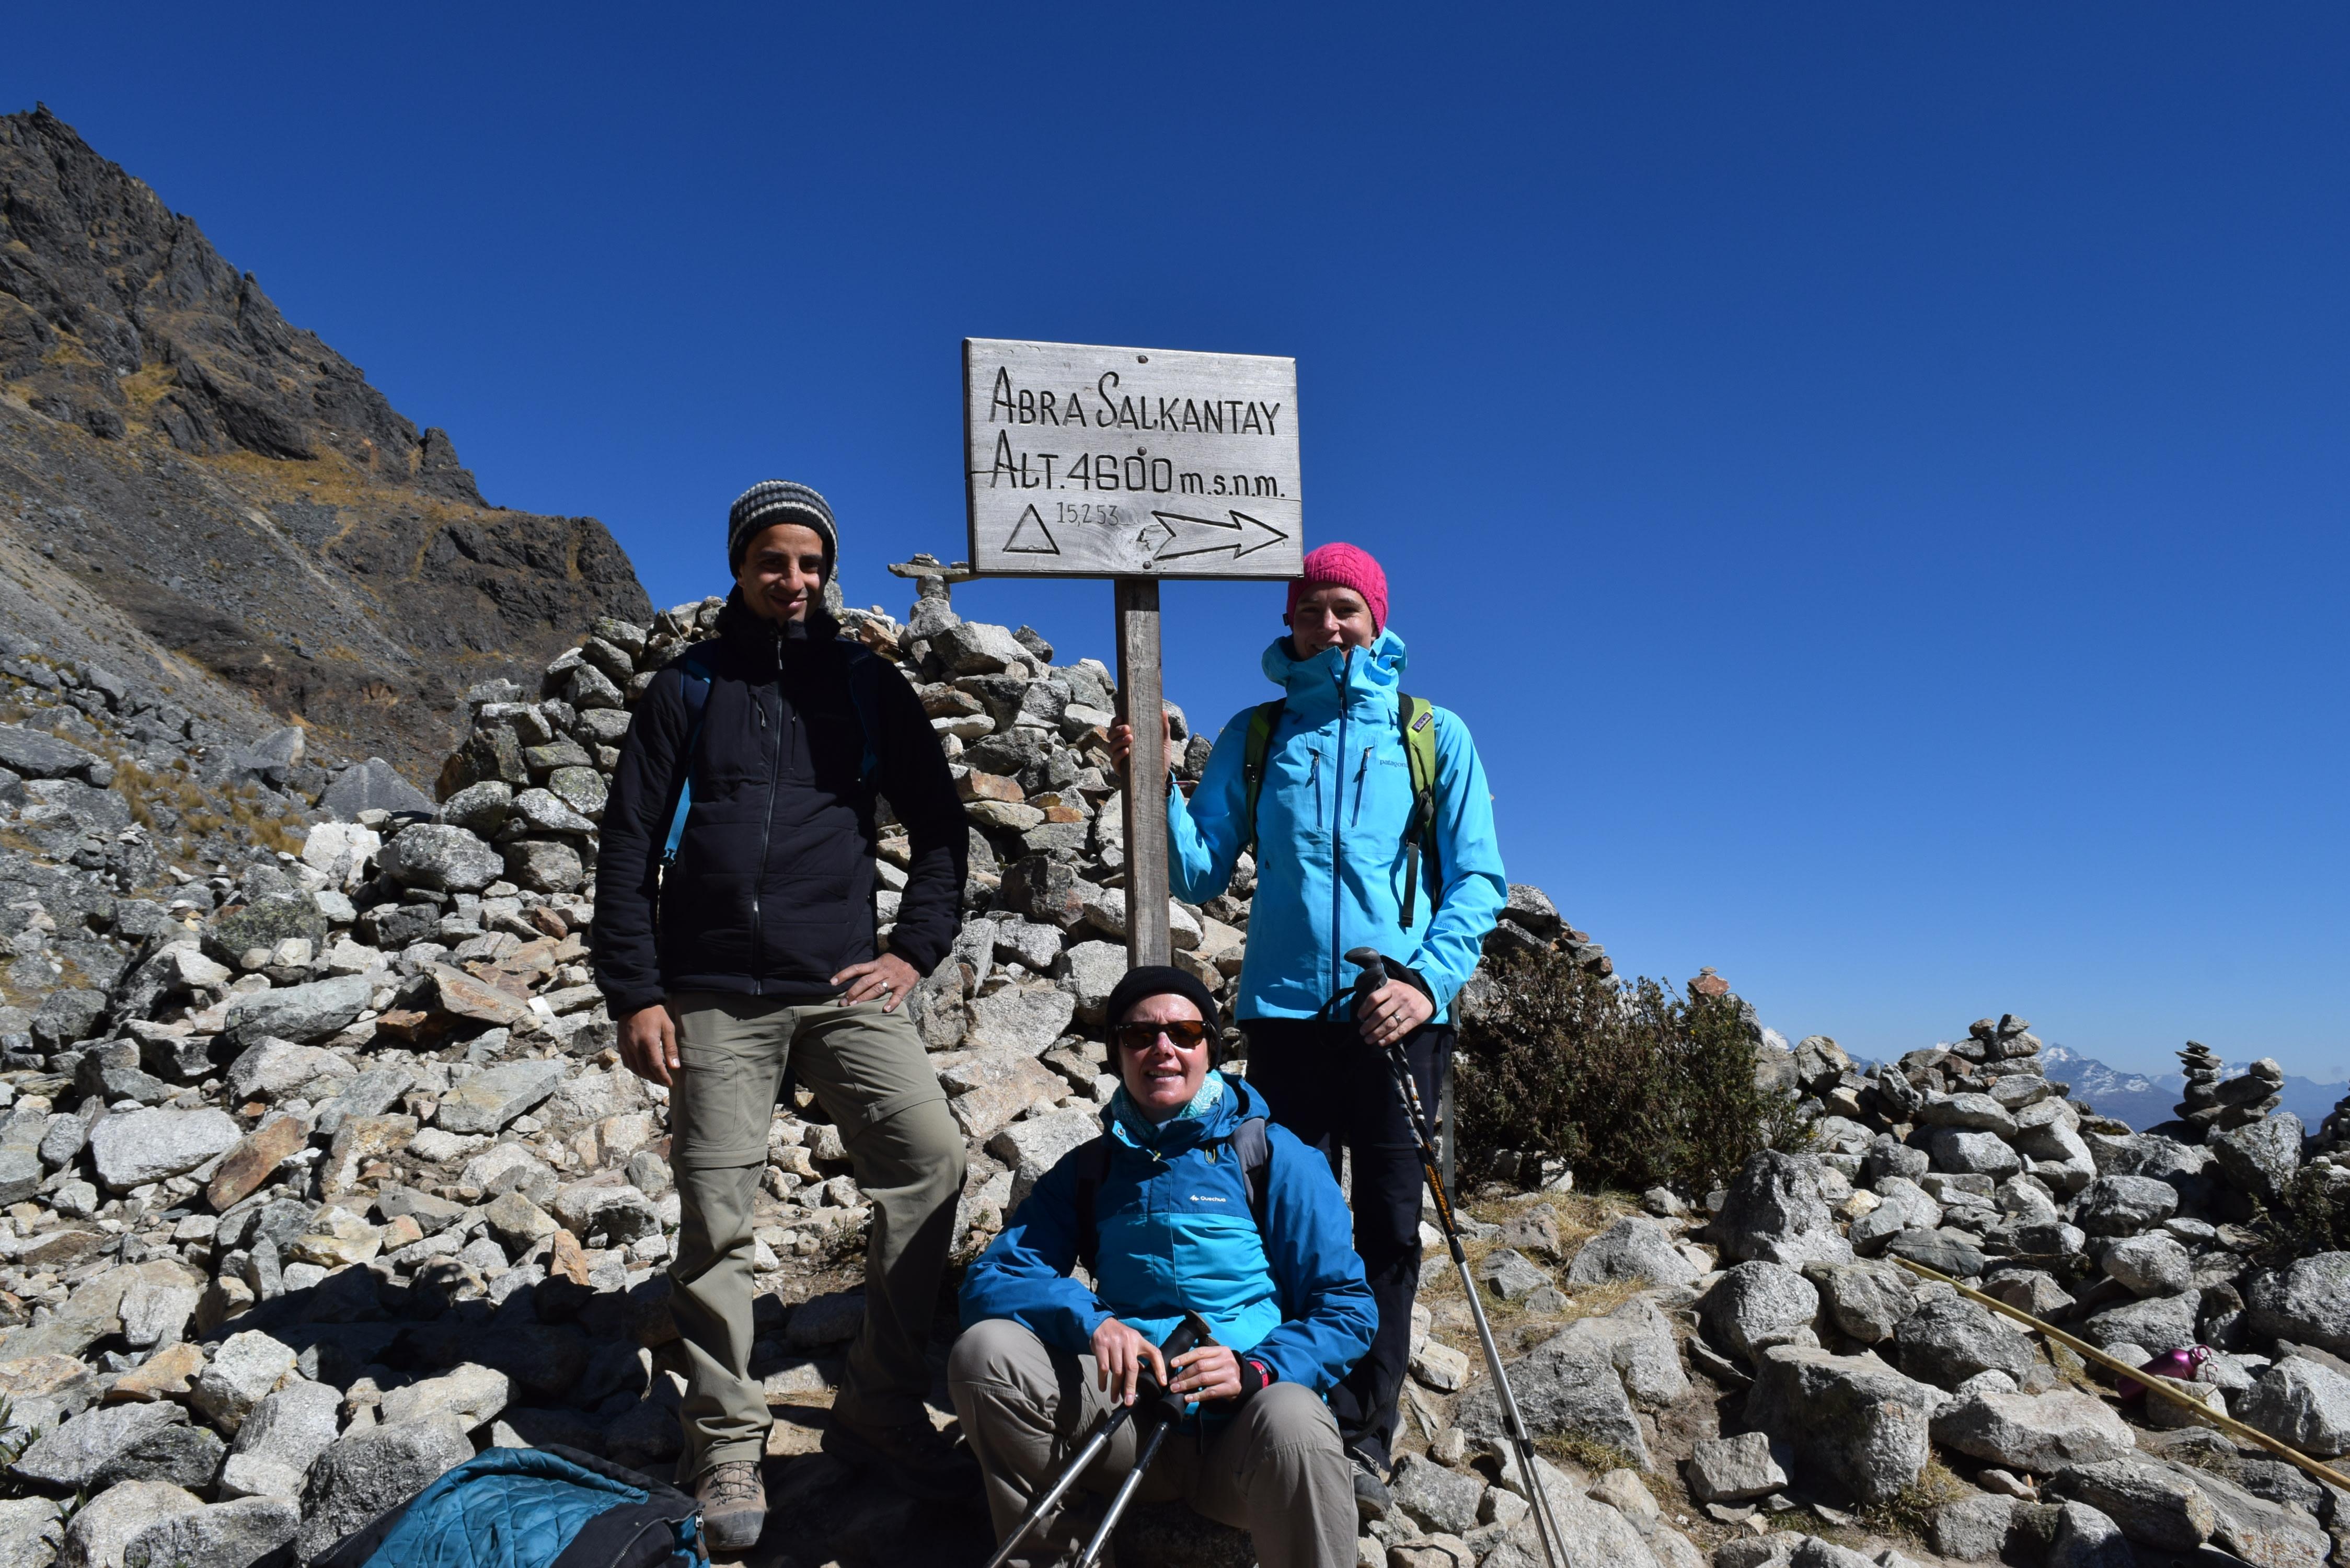 Reach the highest point on the Salkantay pass